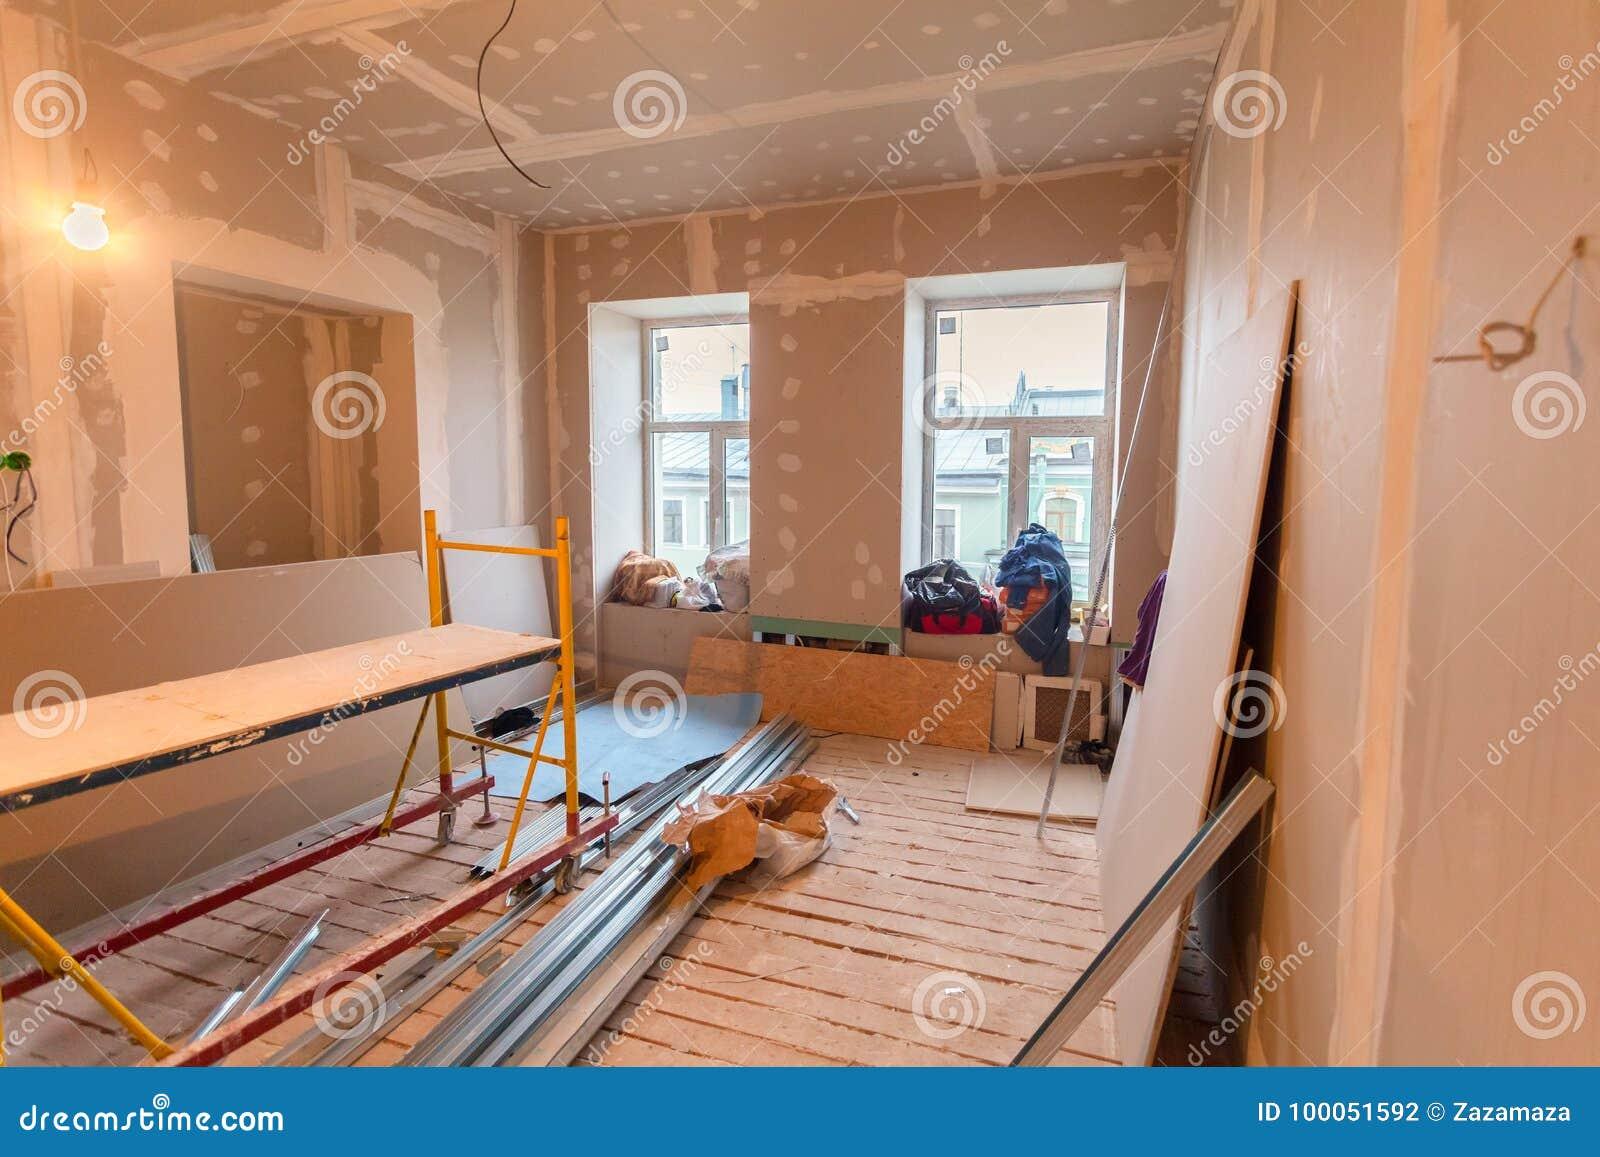 Material für Reparaturen in einer Wohnung ist im Bau, Umgestaltung, Wiederaufbau und Erneuerung